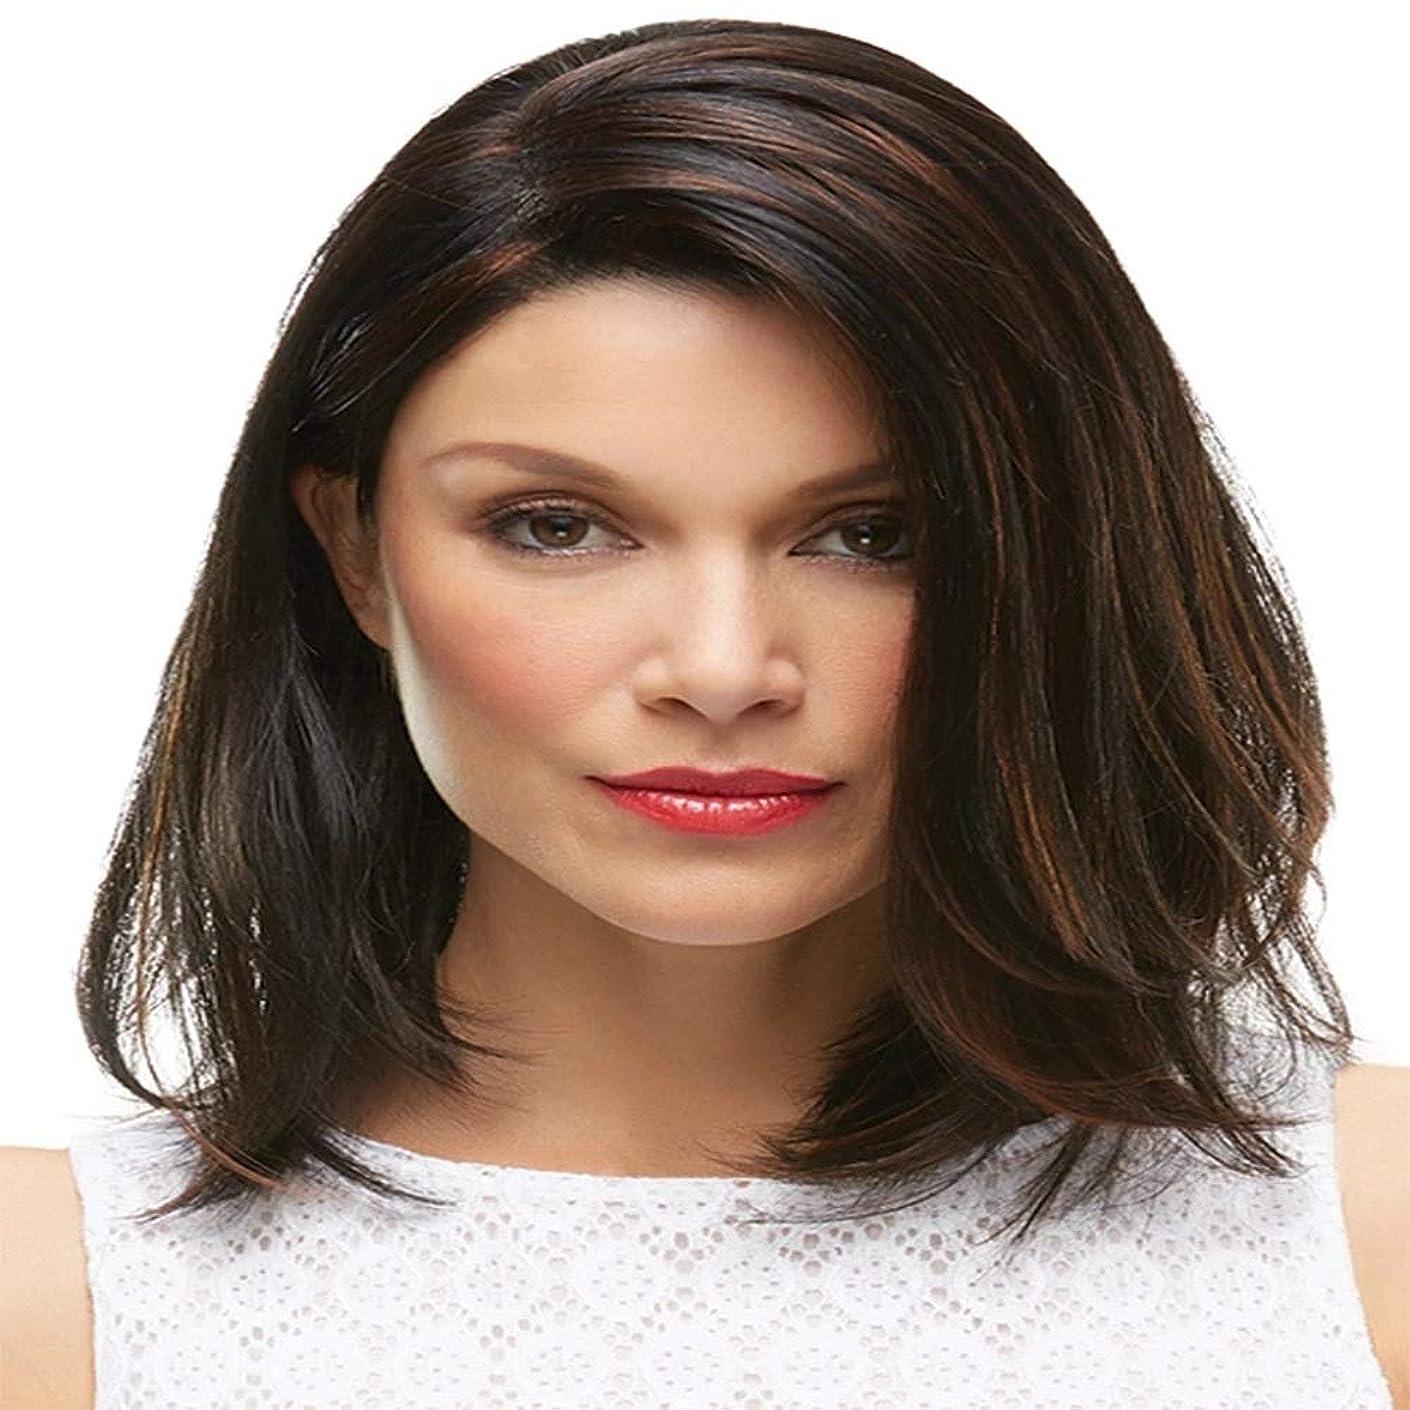 命令的ベースかもめ女性の黒の短い巻き毛のかつら12